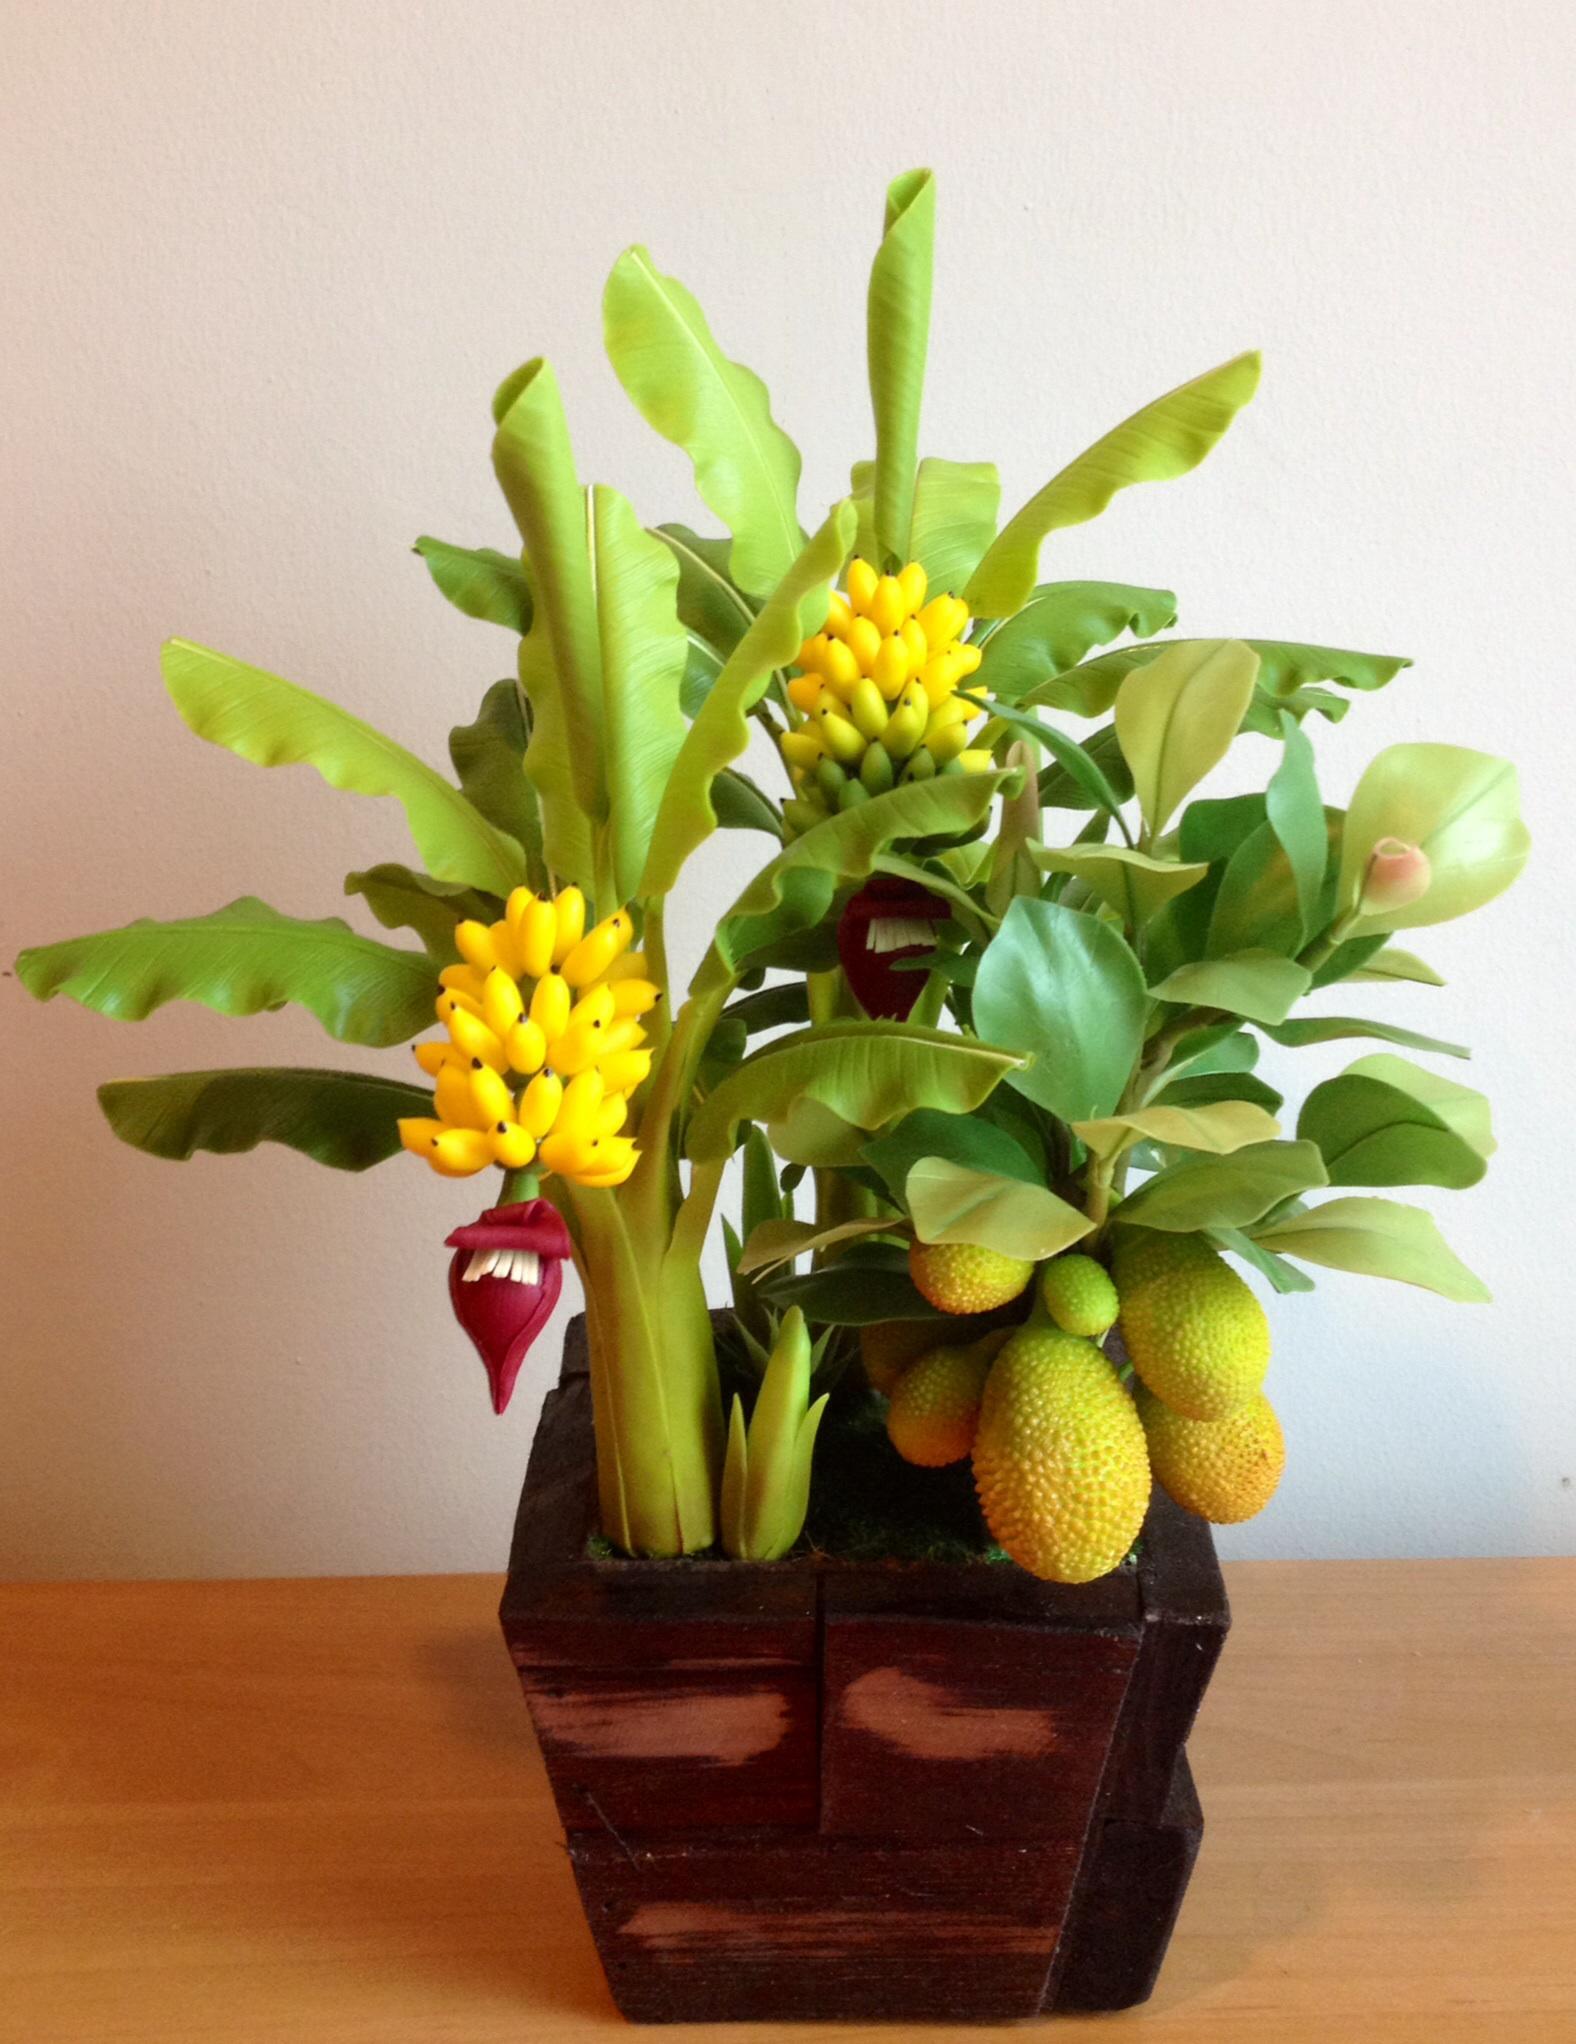 C018-สวนขนุน ต้นกล้วย ไซร์ 6-9 นิ้ว